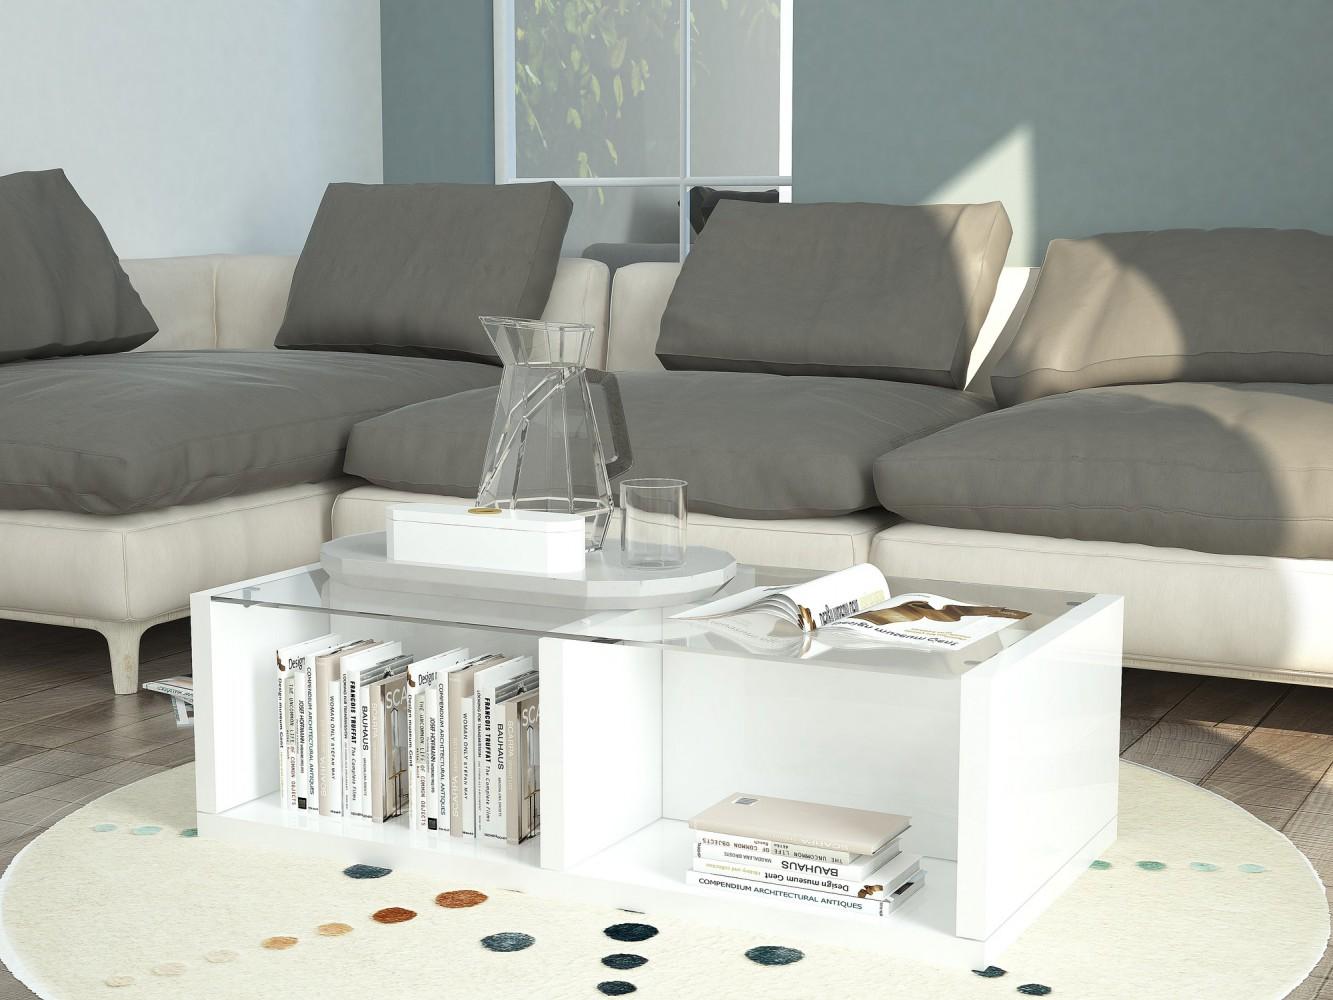 emejing wohnzimmertisch wei hochglanz photos design ideas 2018. Black Bedroom Furniture Sets. Home Design Ideas